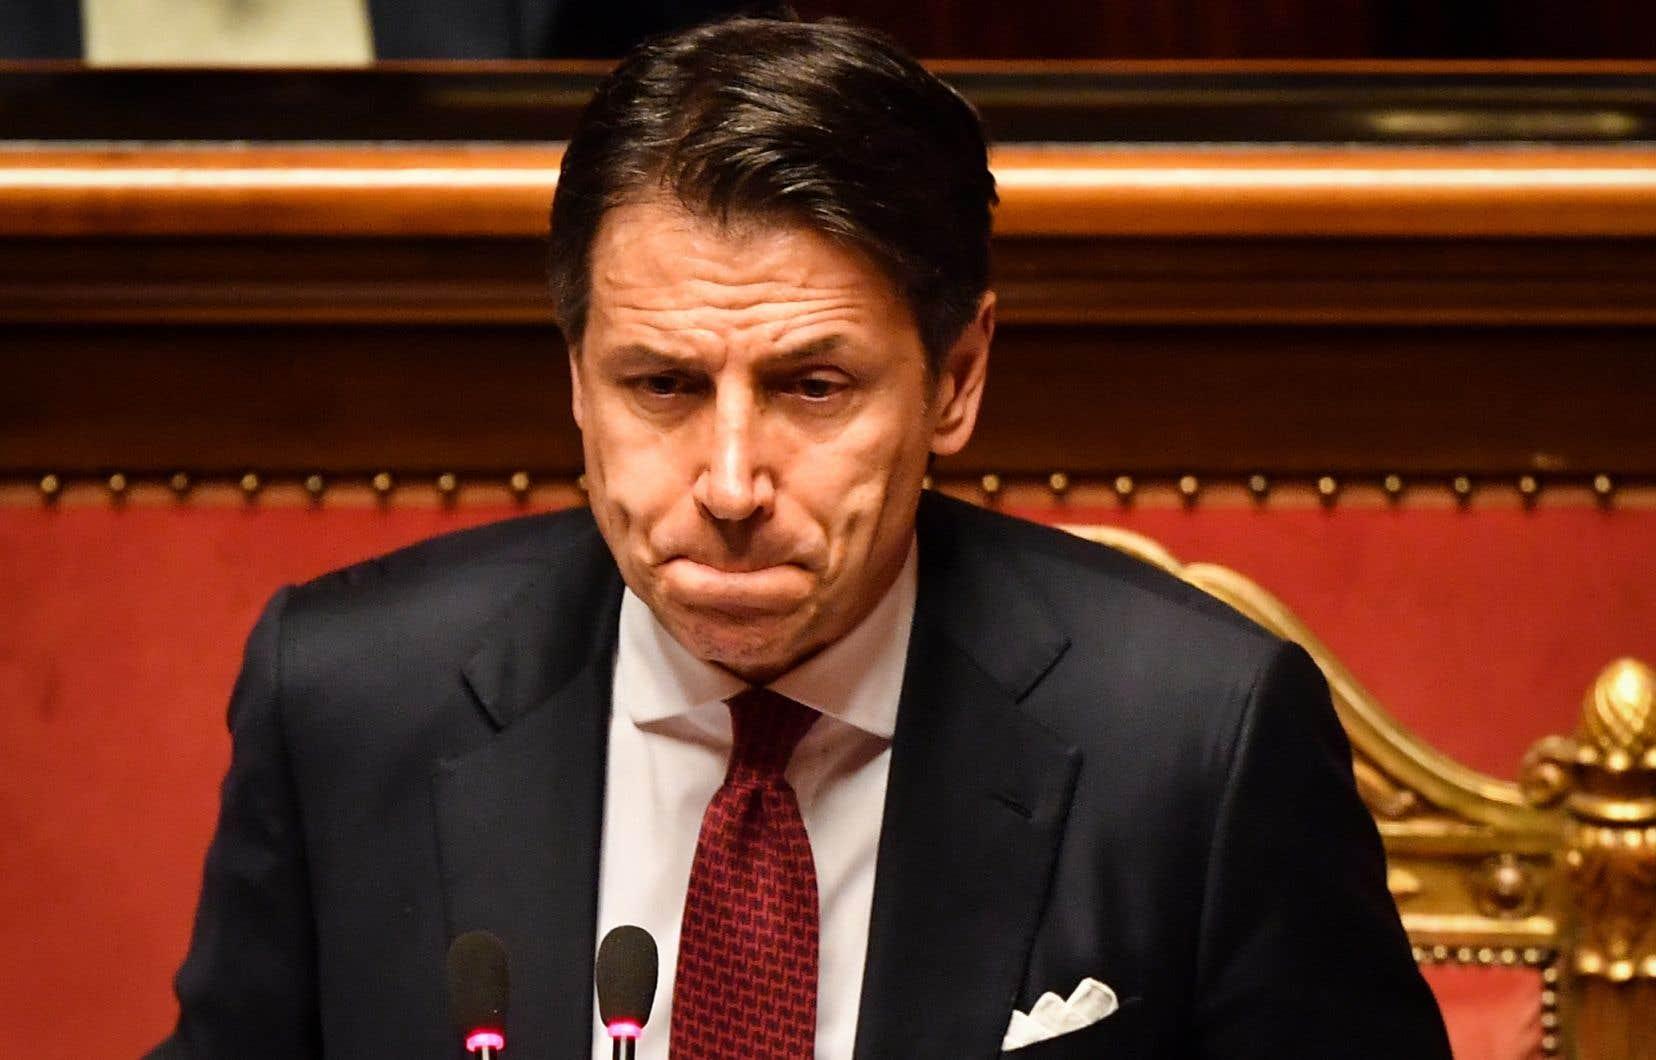 Giuseppe Conte a livré au Sénat un discours virulent contre son ancien allié MatteoSalvini.